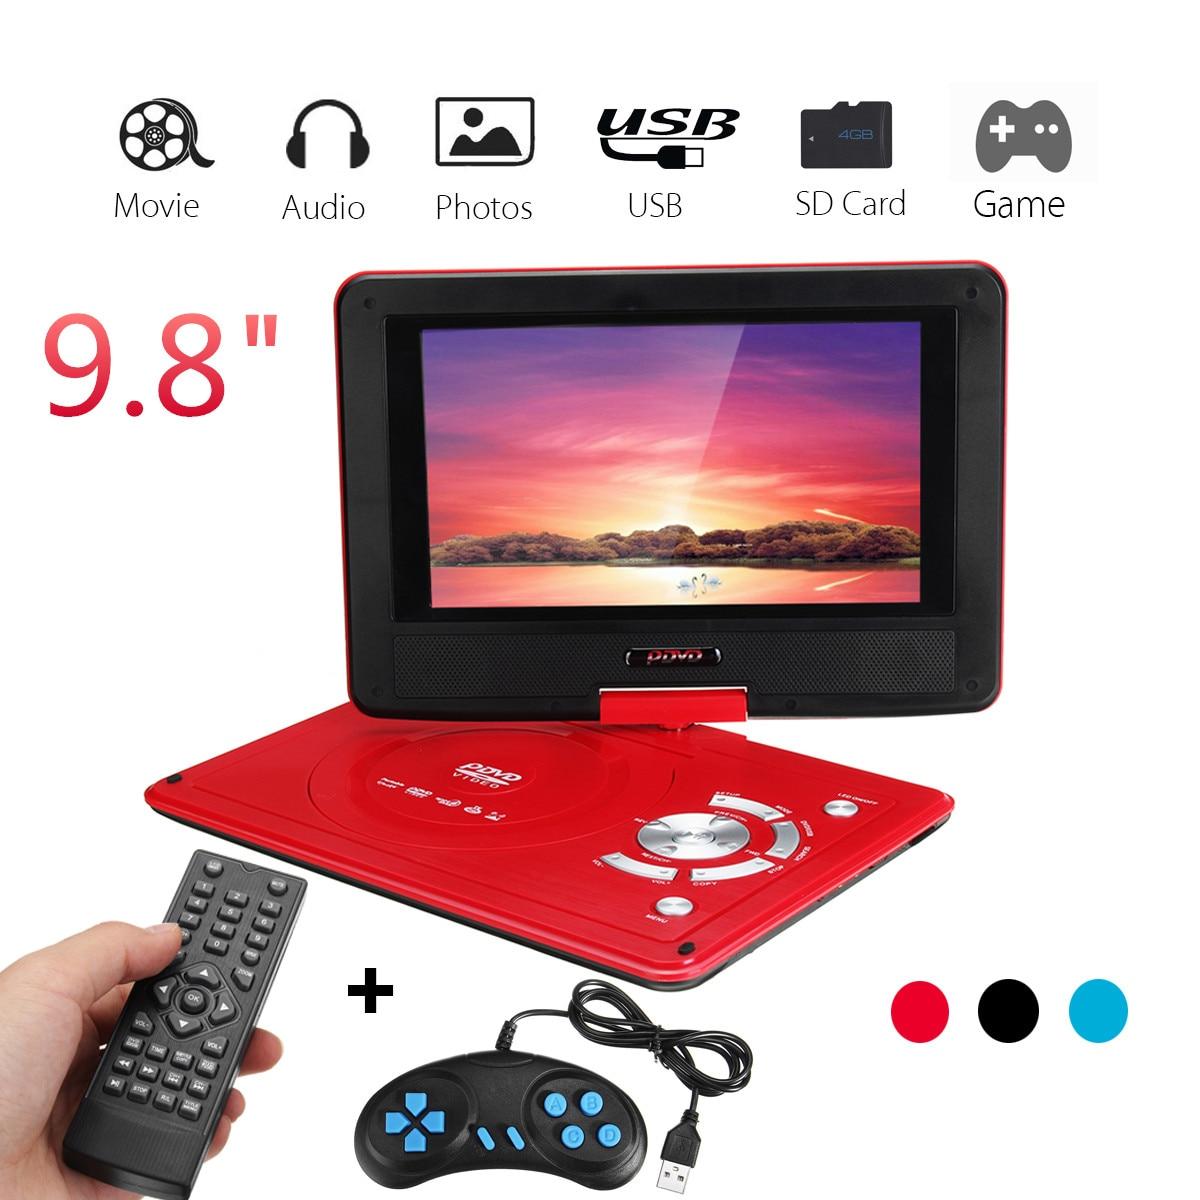 9,8 дюймов Автомобильный dvd-плеер портативный Перезаряжаемый игровой видео контроль 270 градусов экран с игрой fm-радио ТВ AV монитор кардридер